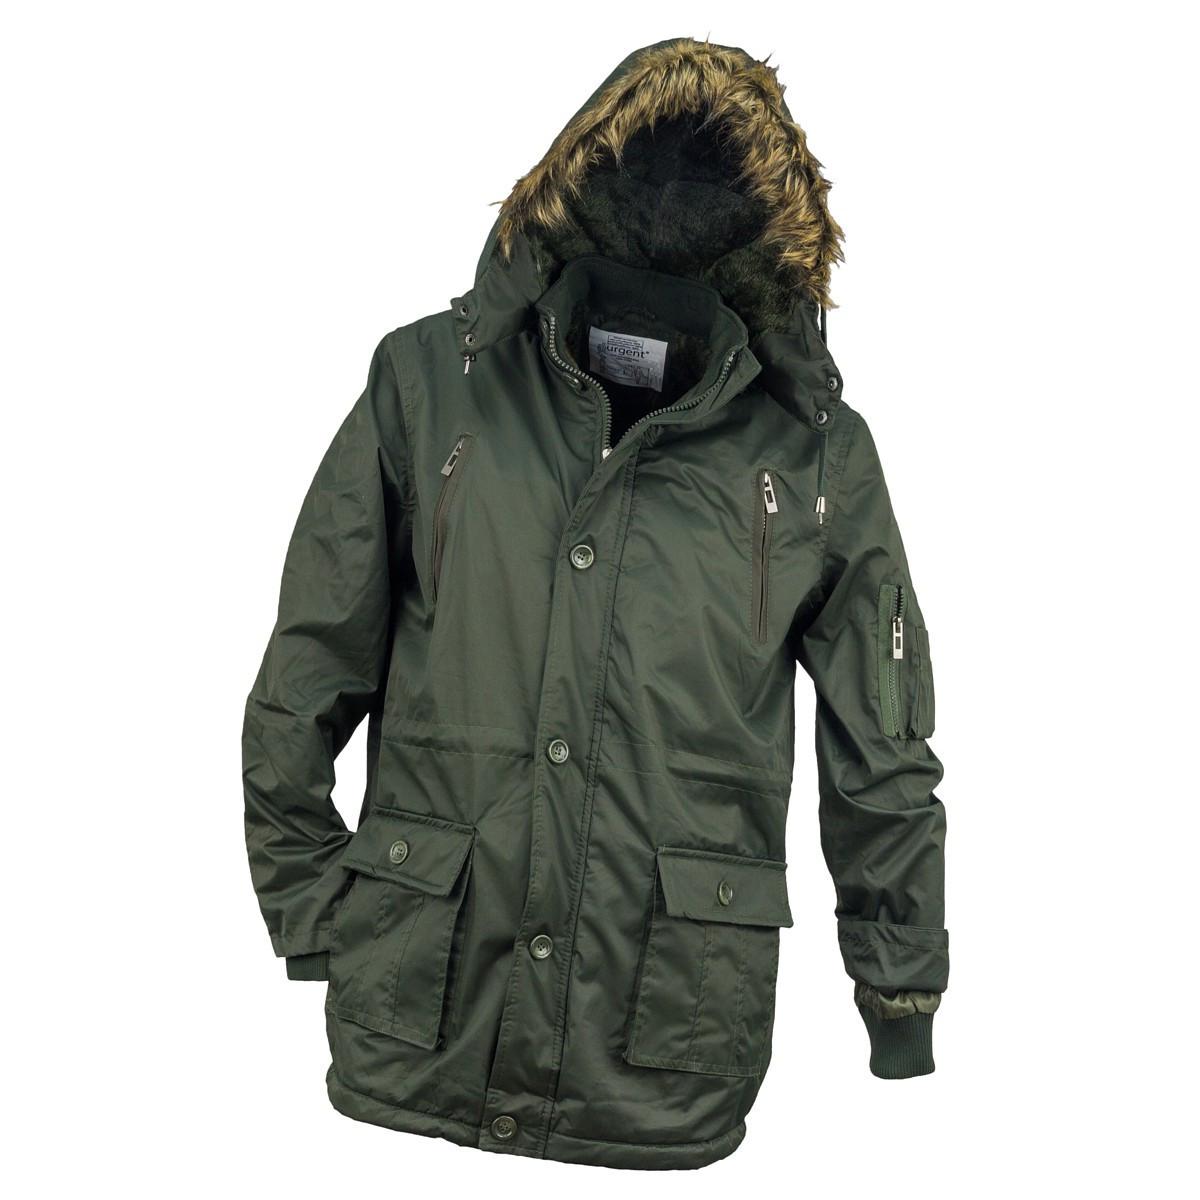 Куртка рабочая KURTKA OCIEPLANA URG-1720 ARMY выполнена из 100% полиэстера, зеленого цвета.  Urgent (POLAND)